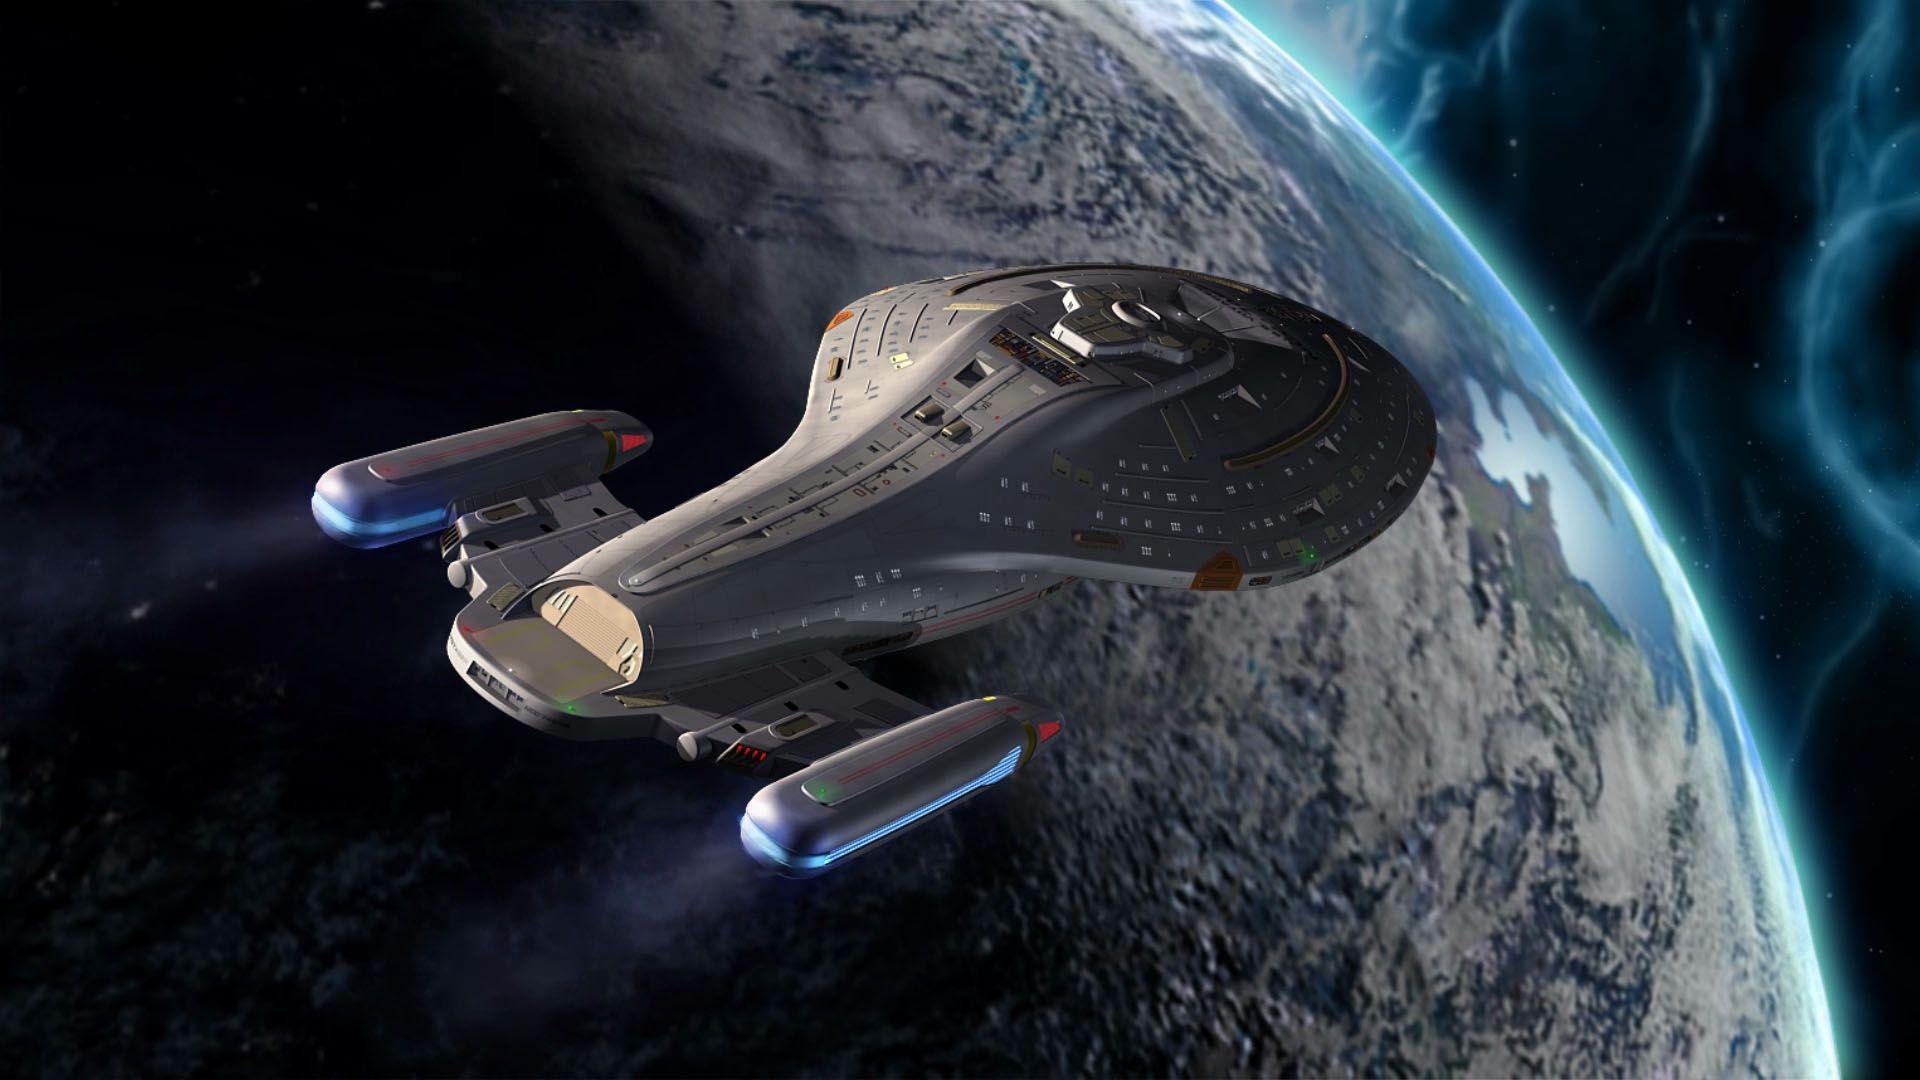 Star trek voyager spacecraft - Star Trek Voyager 51d46655b4c8a Jpg 1920 1080